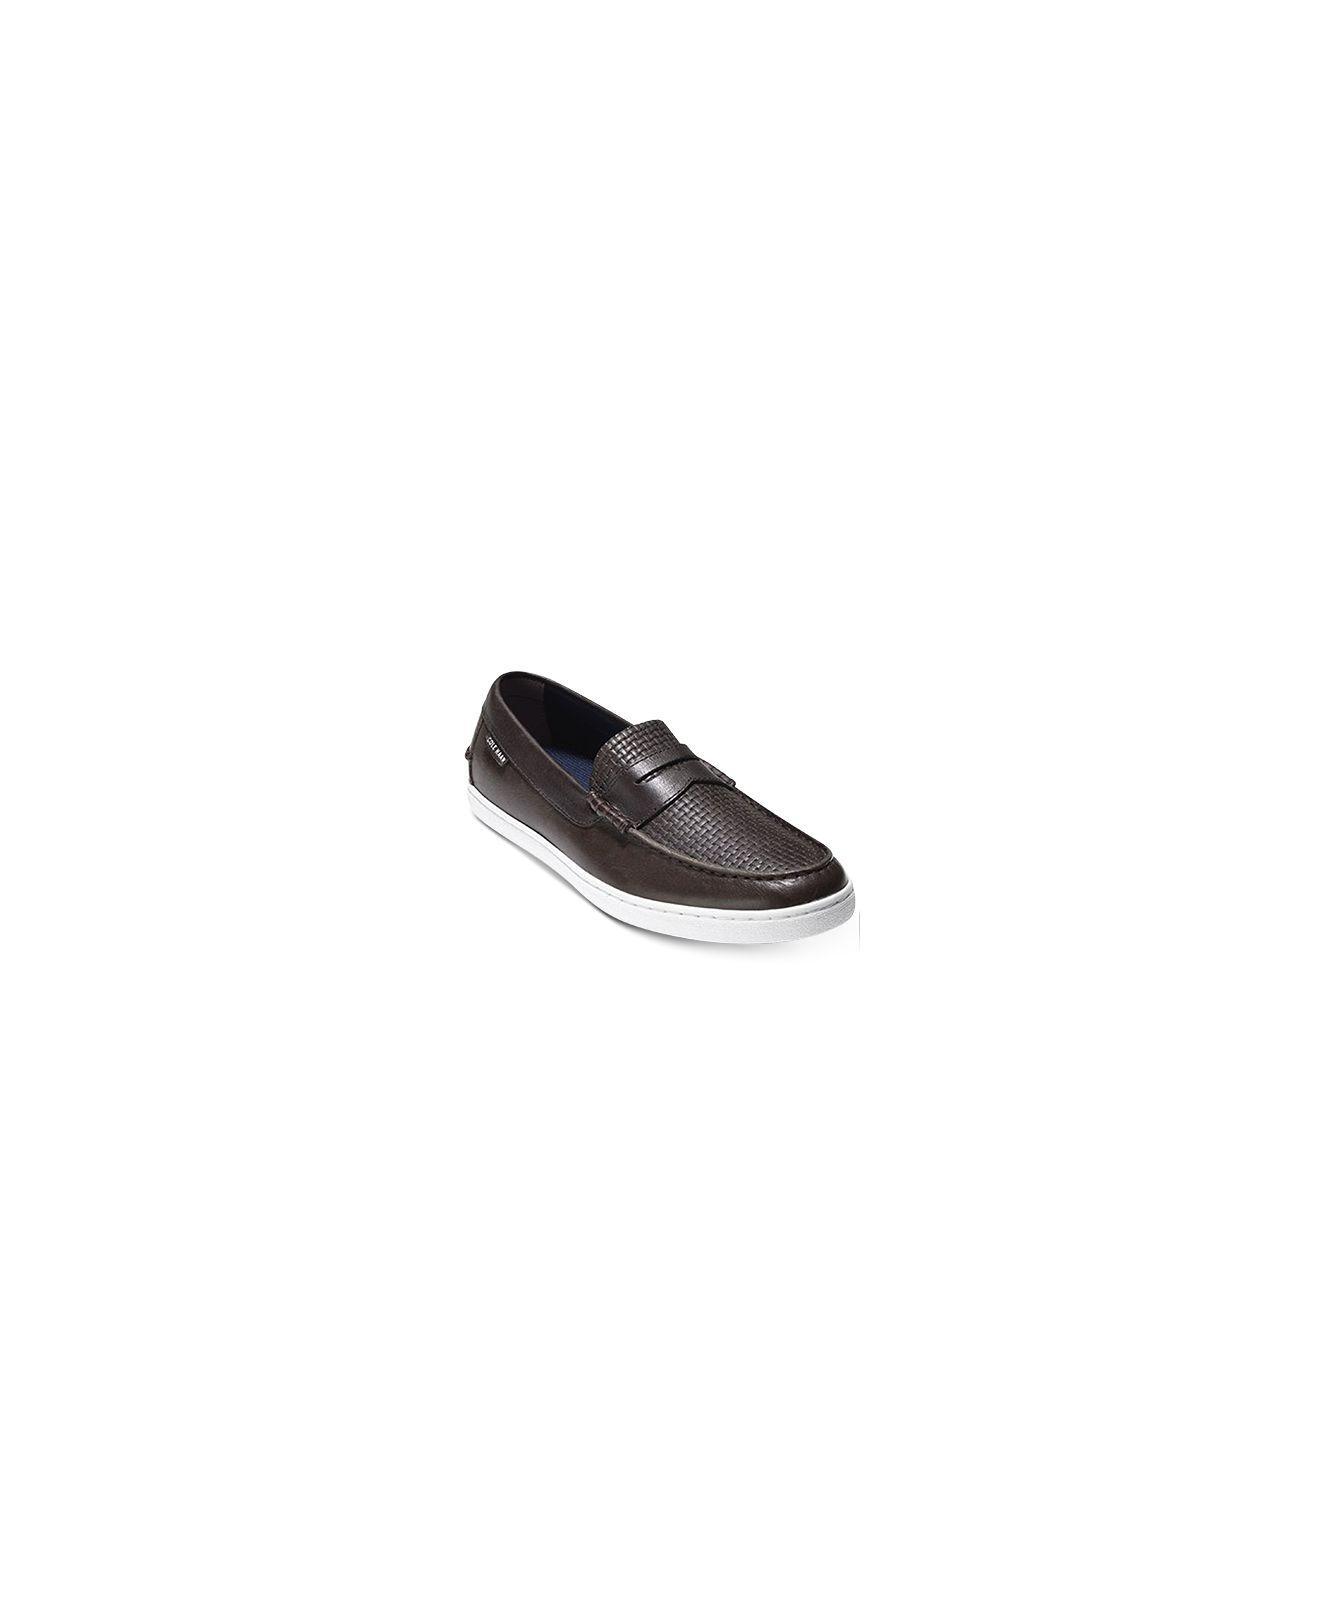 Cole Haan Men's Pinch Weekender Embossed Weave Slip-Ons Men's Shoes nhIGVmH